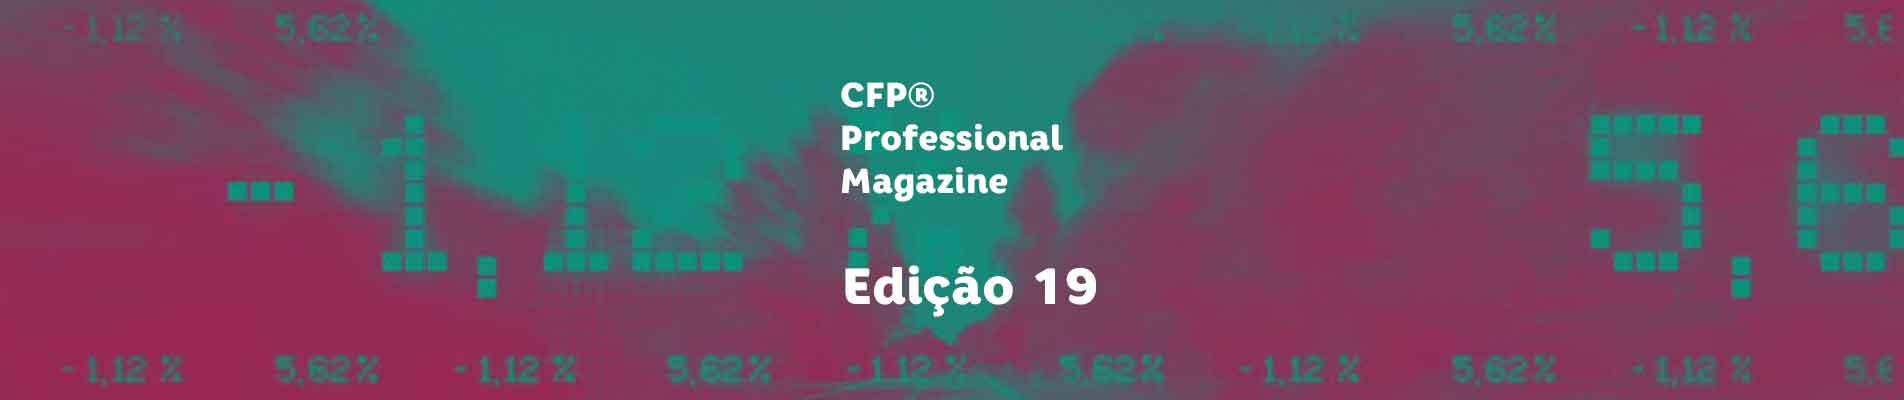 Edição 19 CFP Magazine